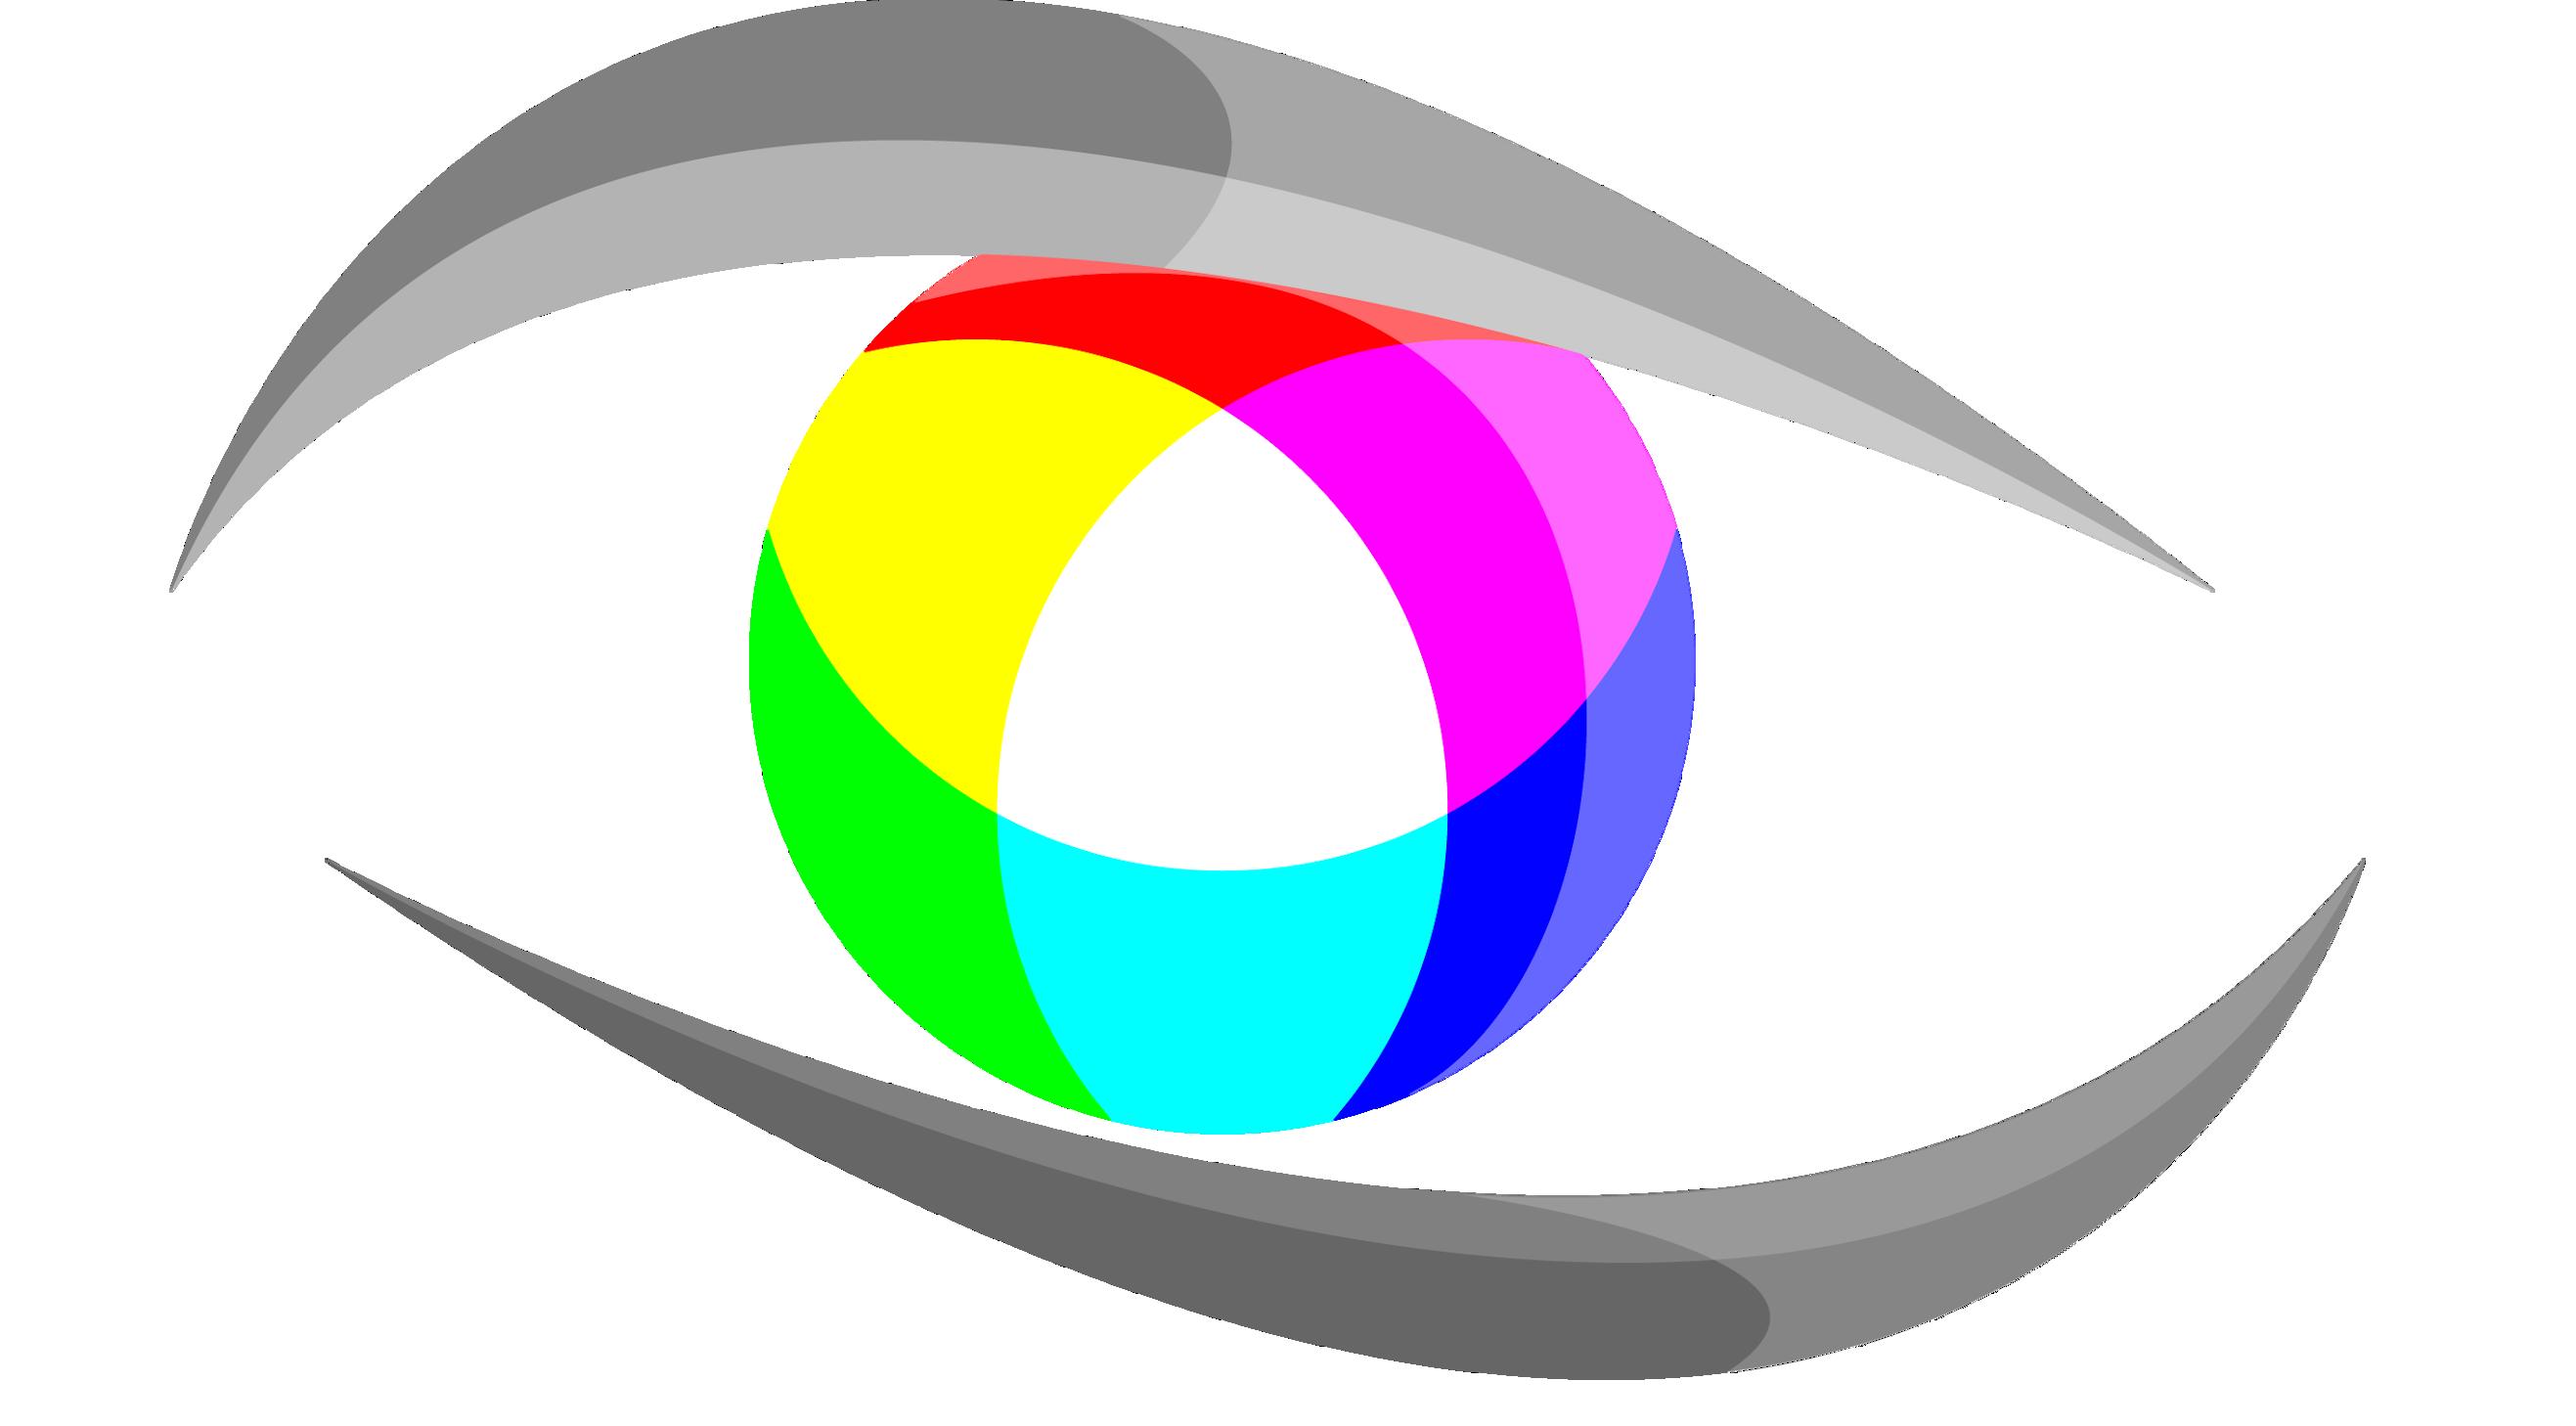 specTelligence logo